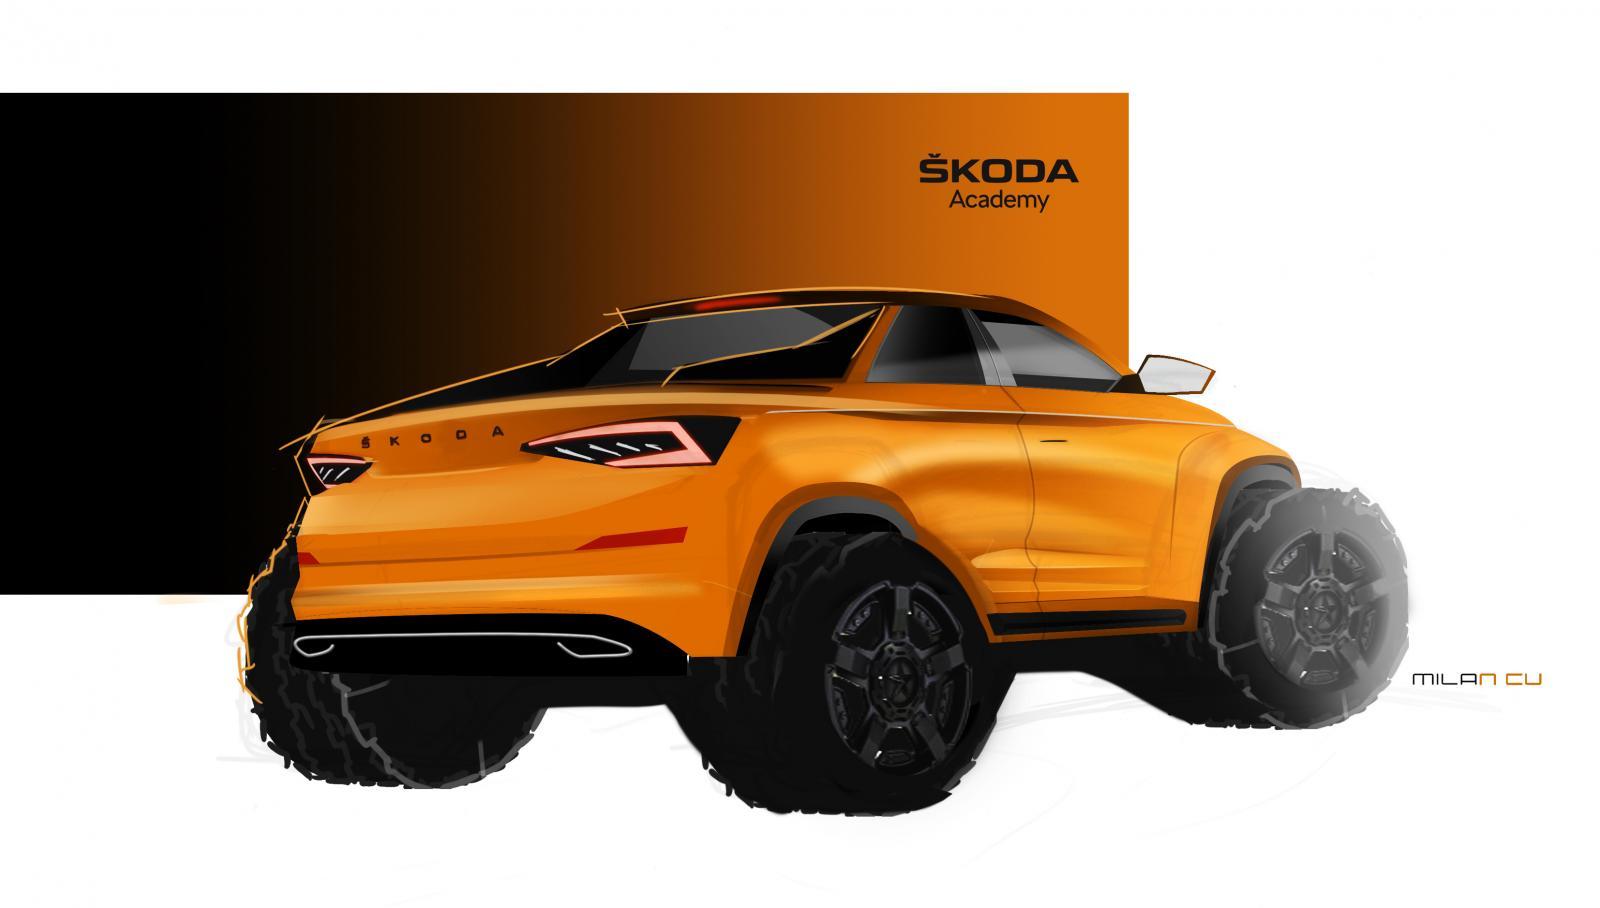 La Skoda Kodiaq se transforma en una enorme pick-up